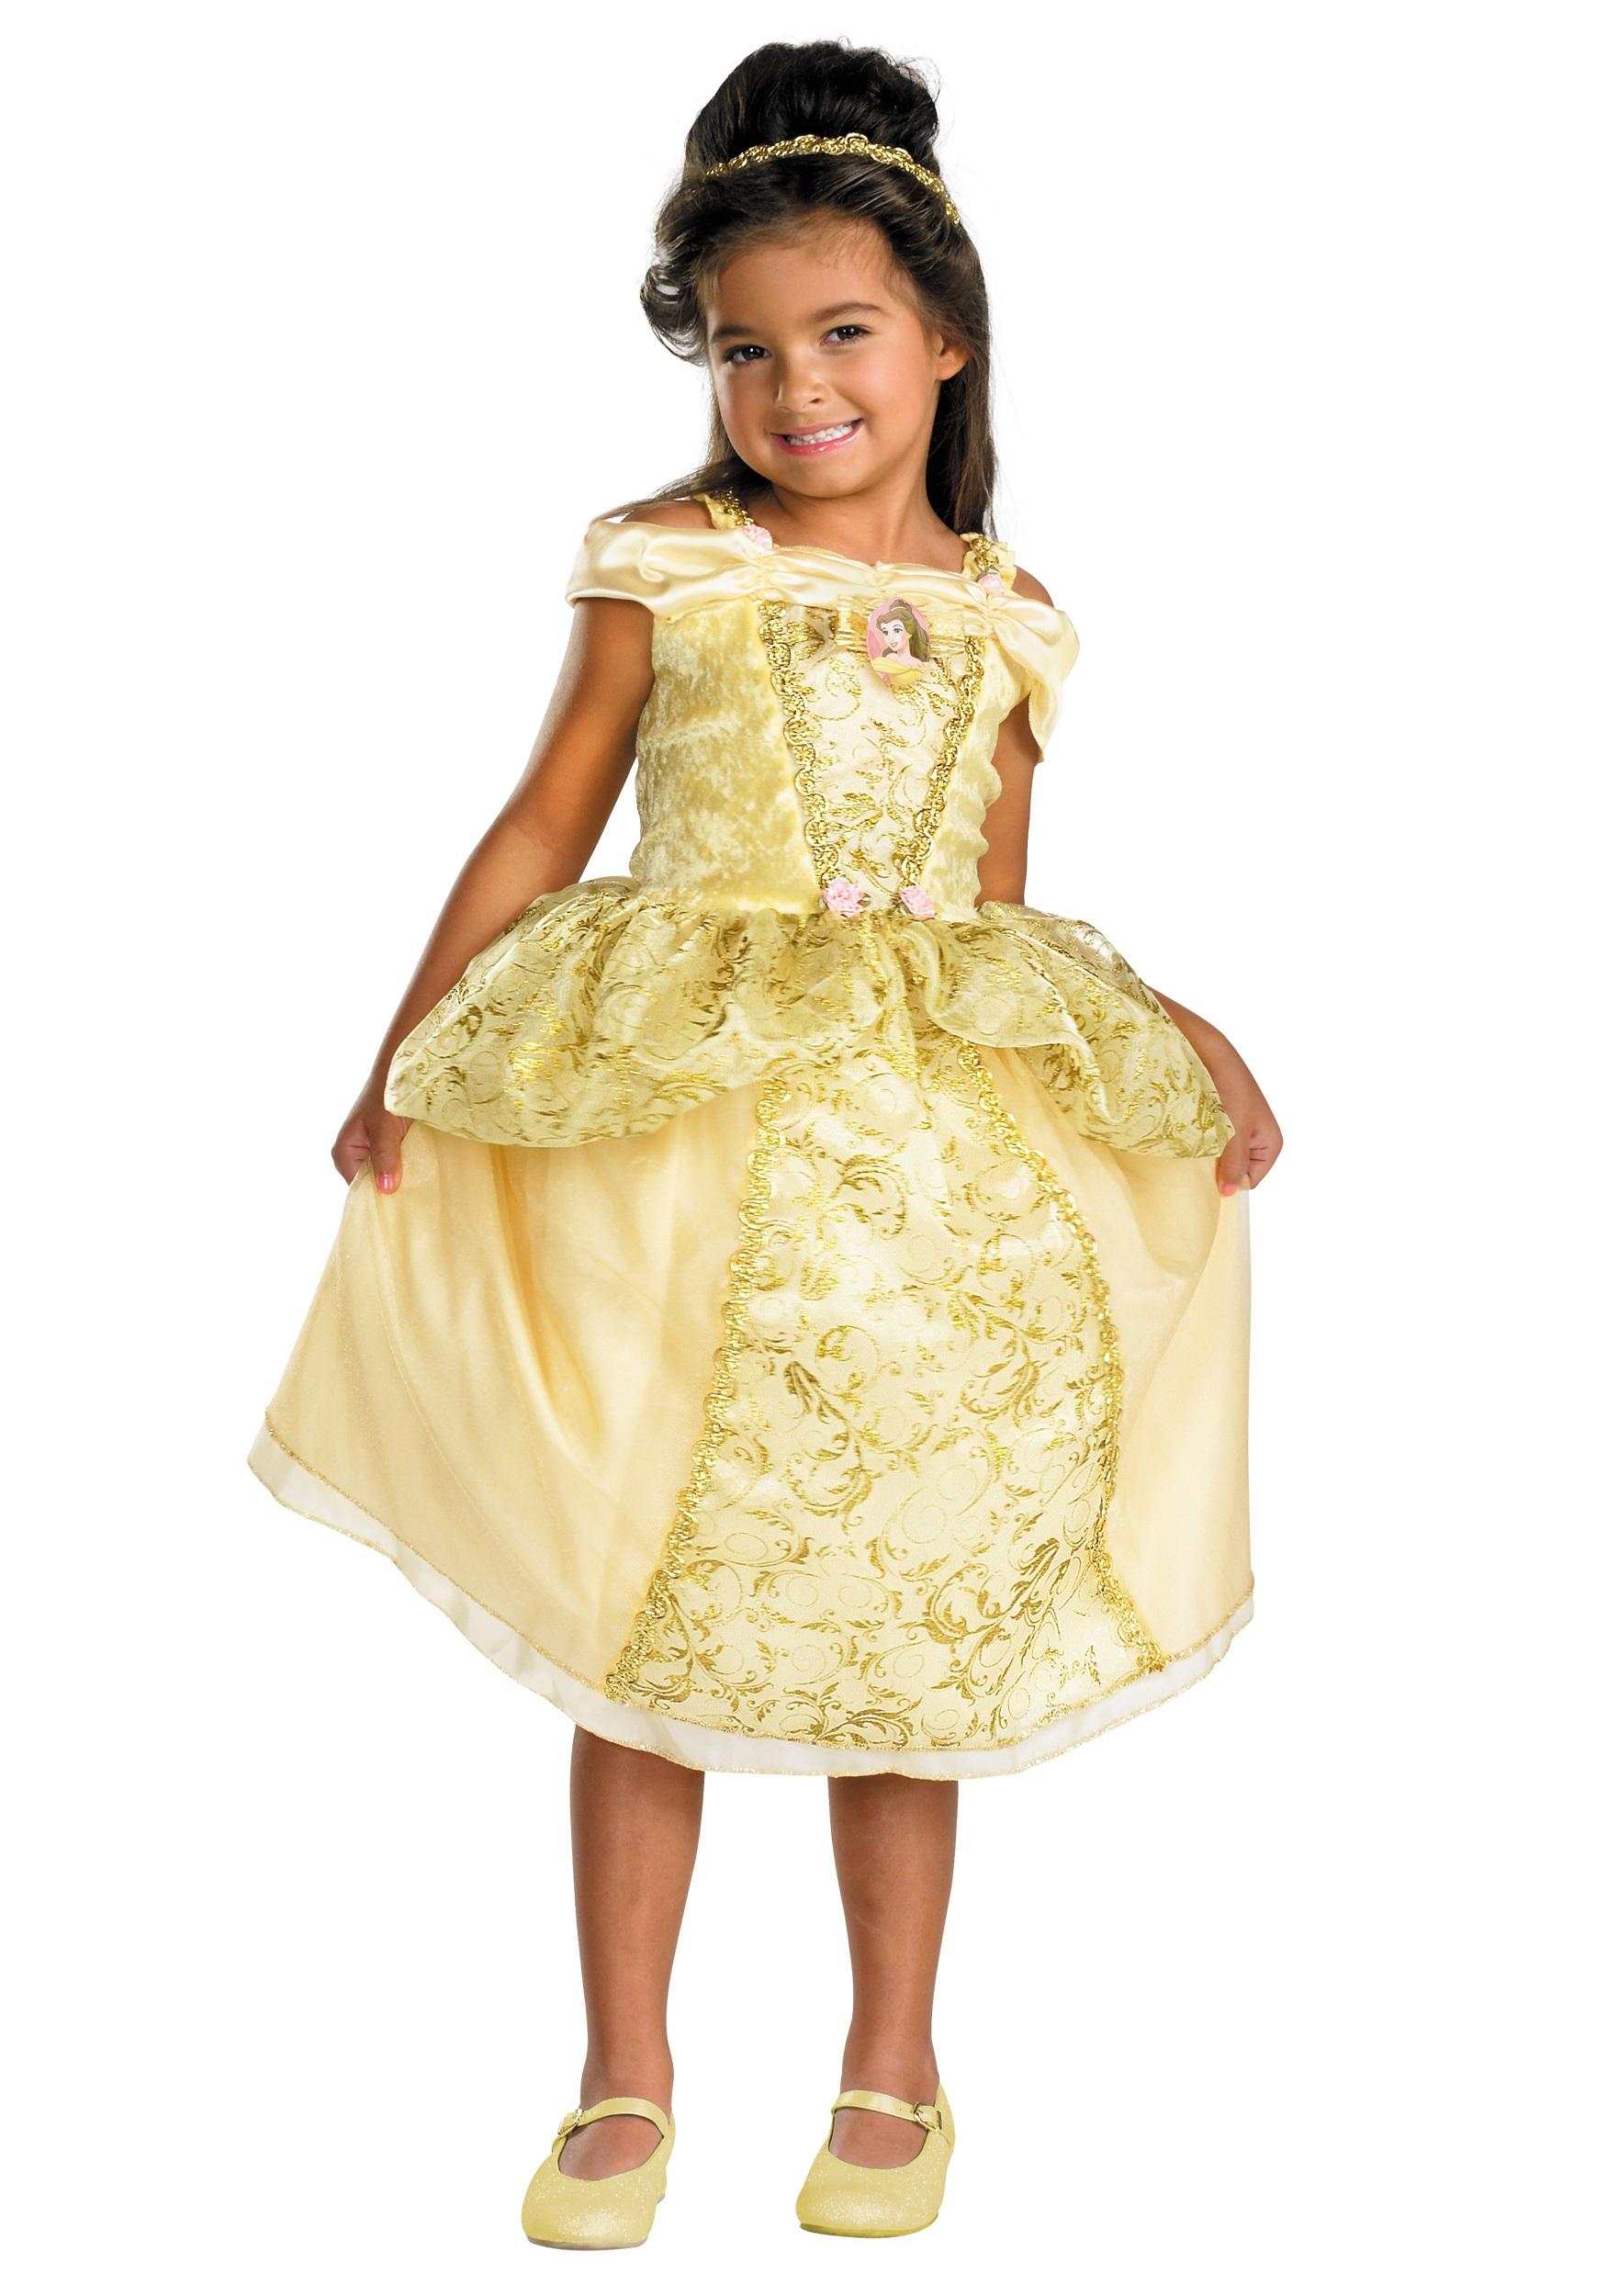 Kids Deluxe Belle Costume Halloween Costumes